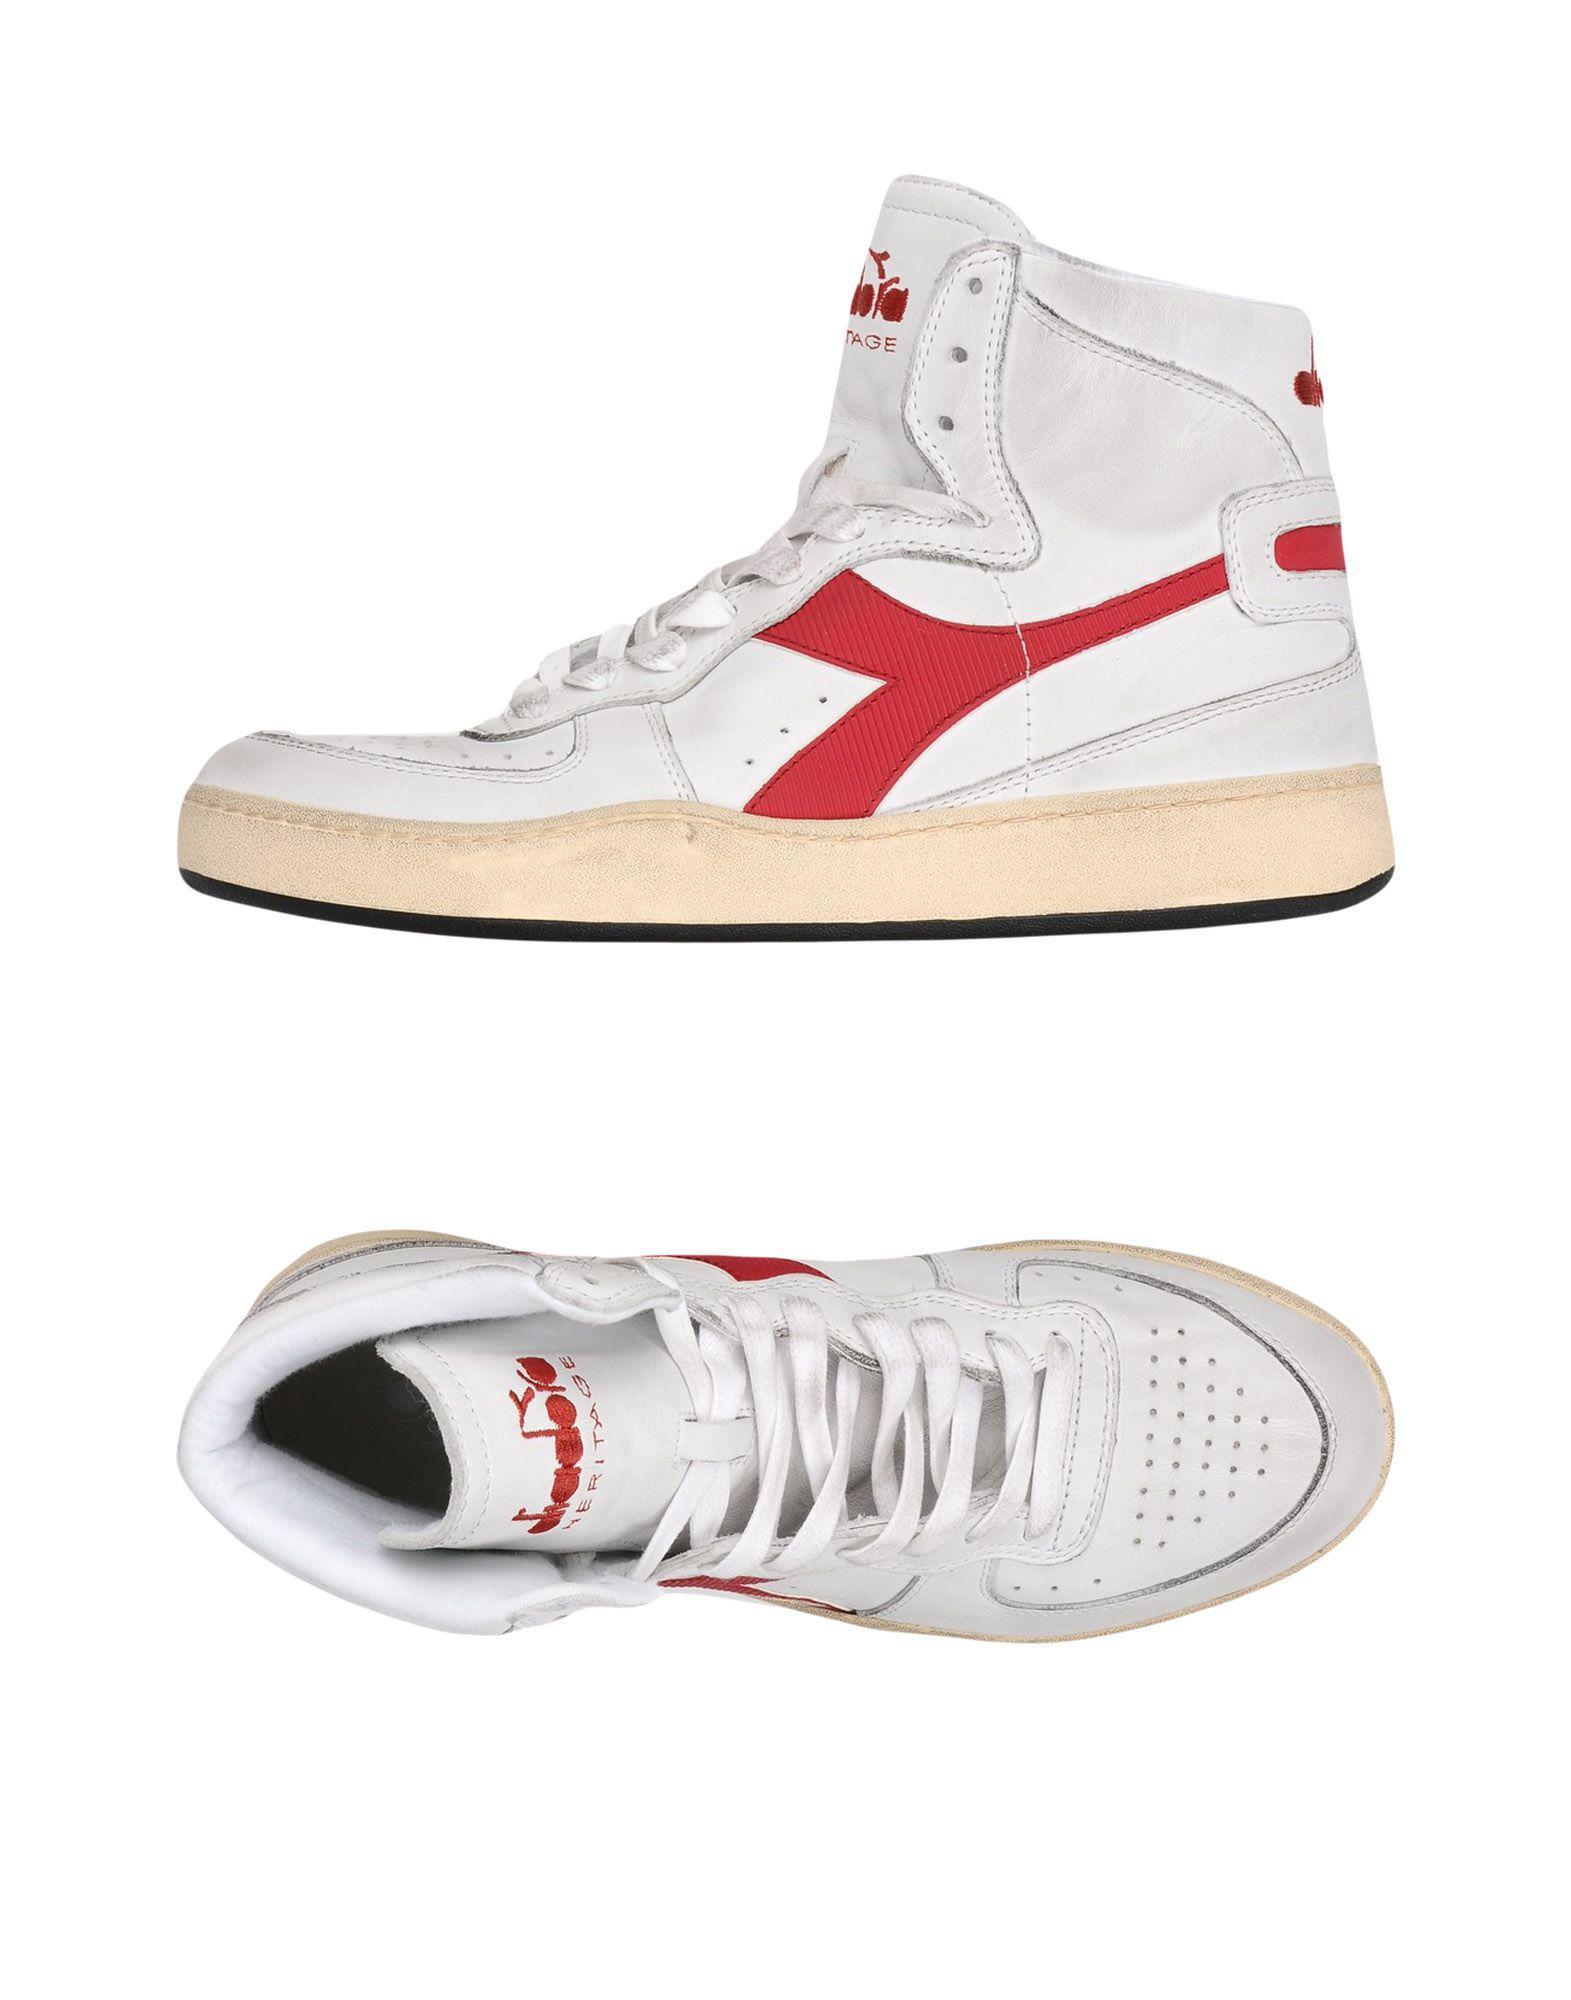 Coloris Tennis Sneakers En Lyst Homme Pour Diadora Montantes amp; 71xwqC